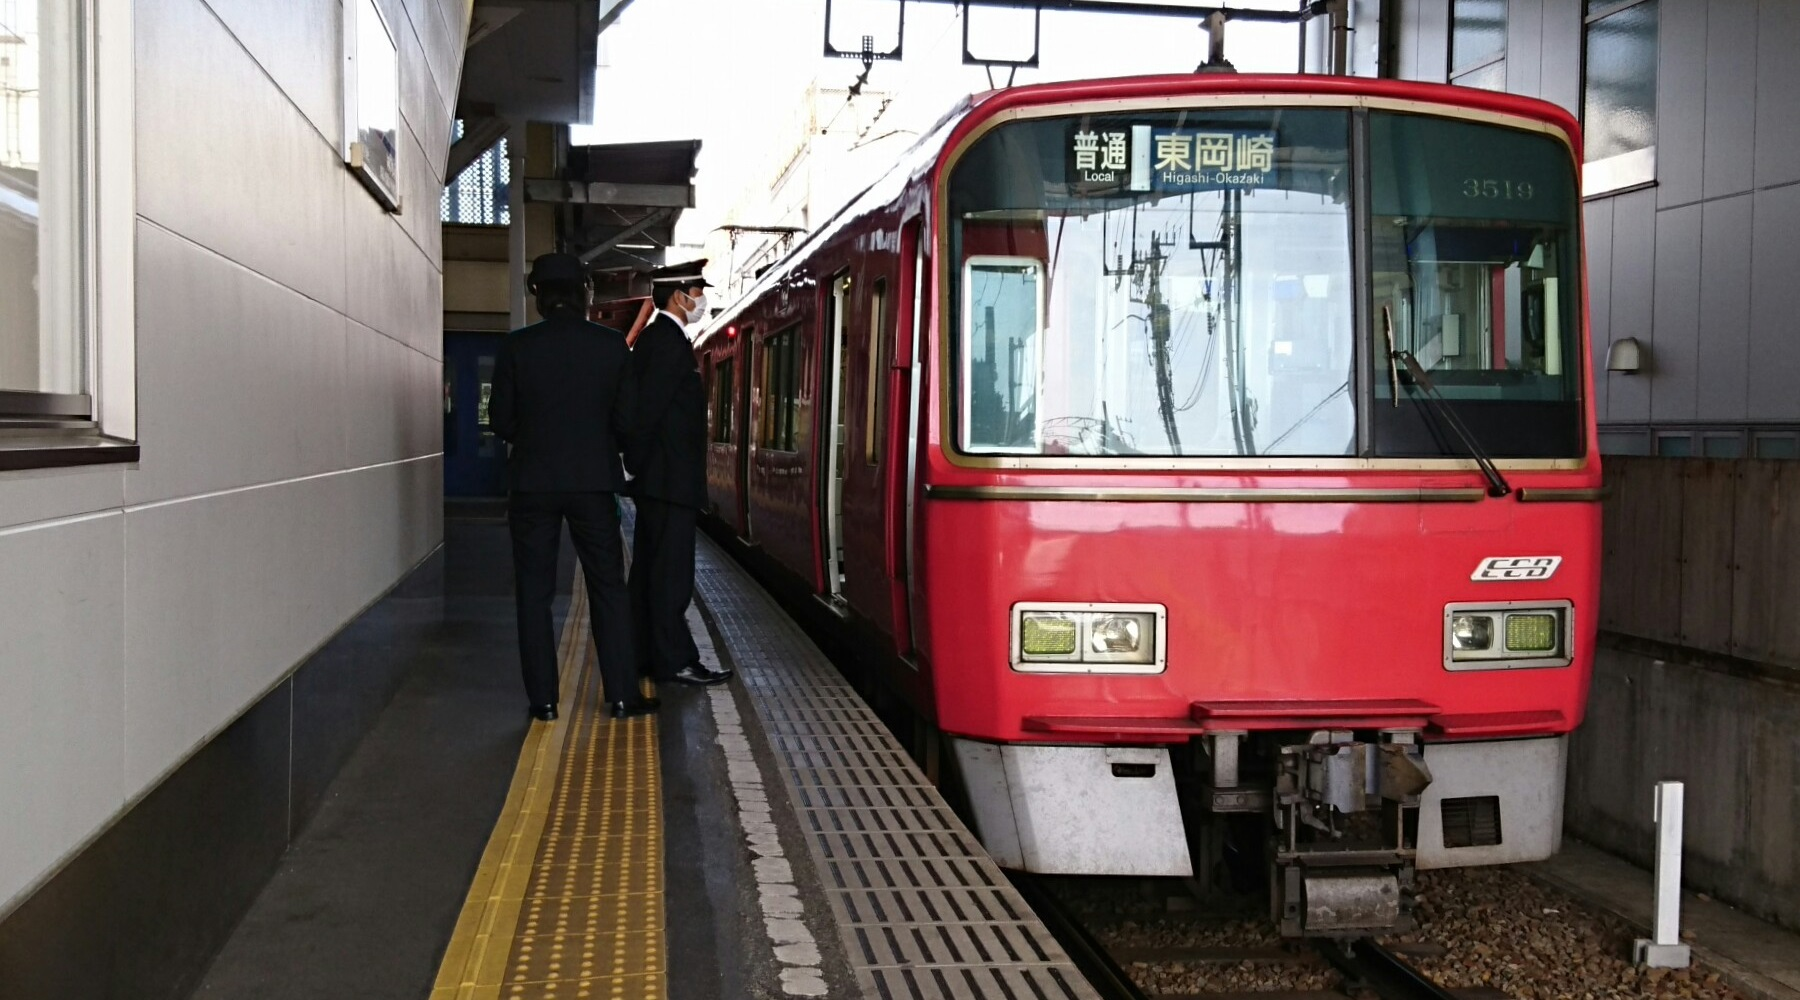 2018.4.16 東岡崎 (16) 東岡崎 - 東岡崎いきふつう 1800-1000